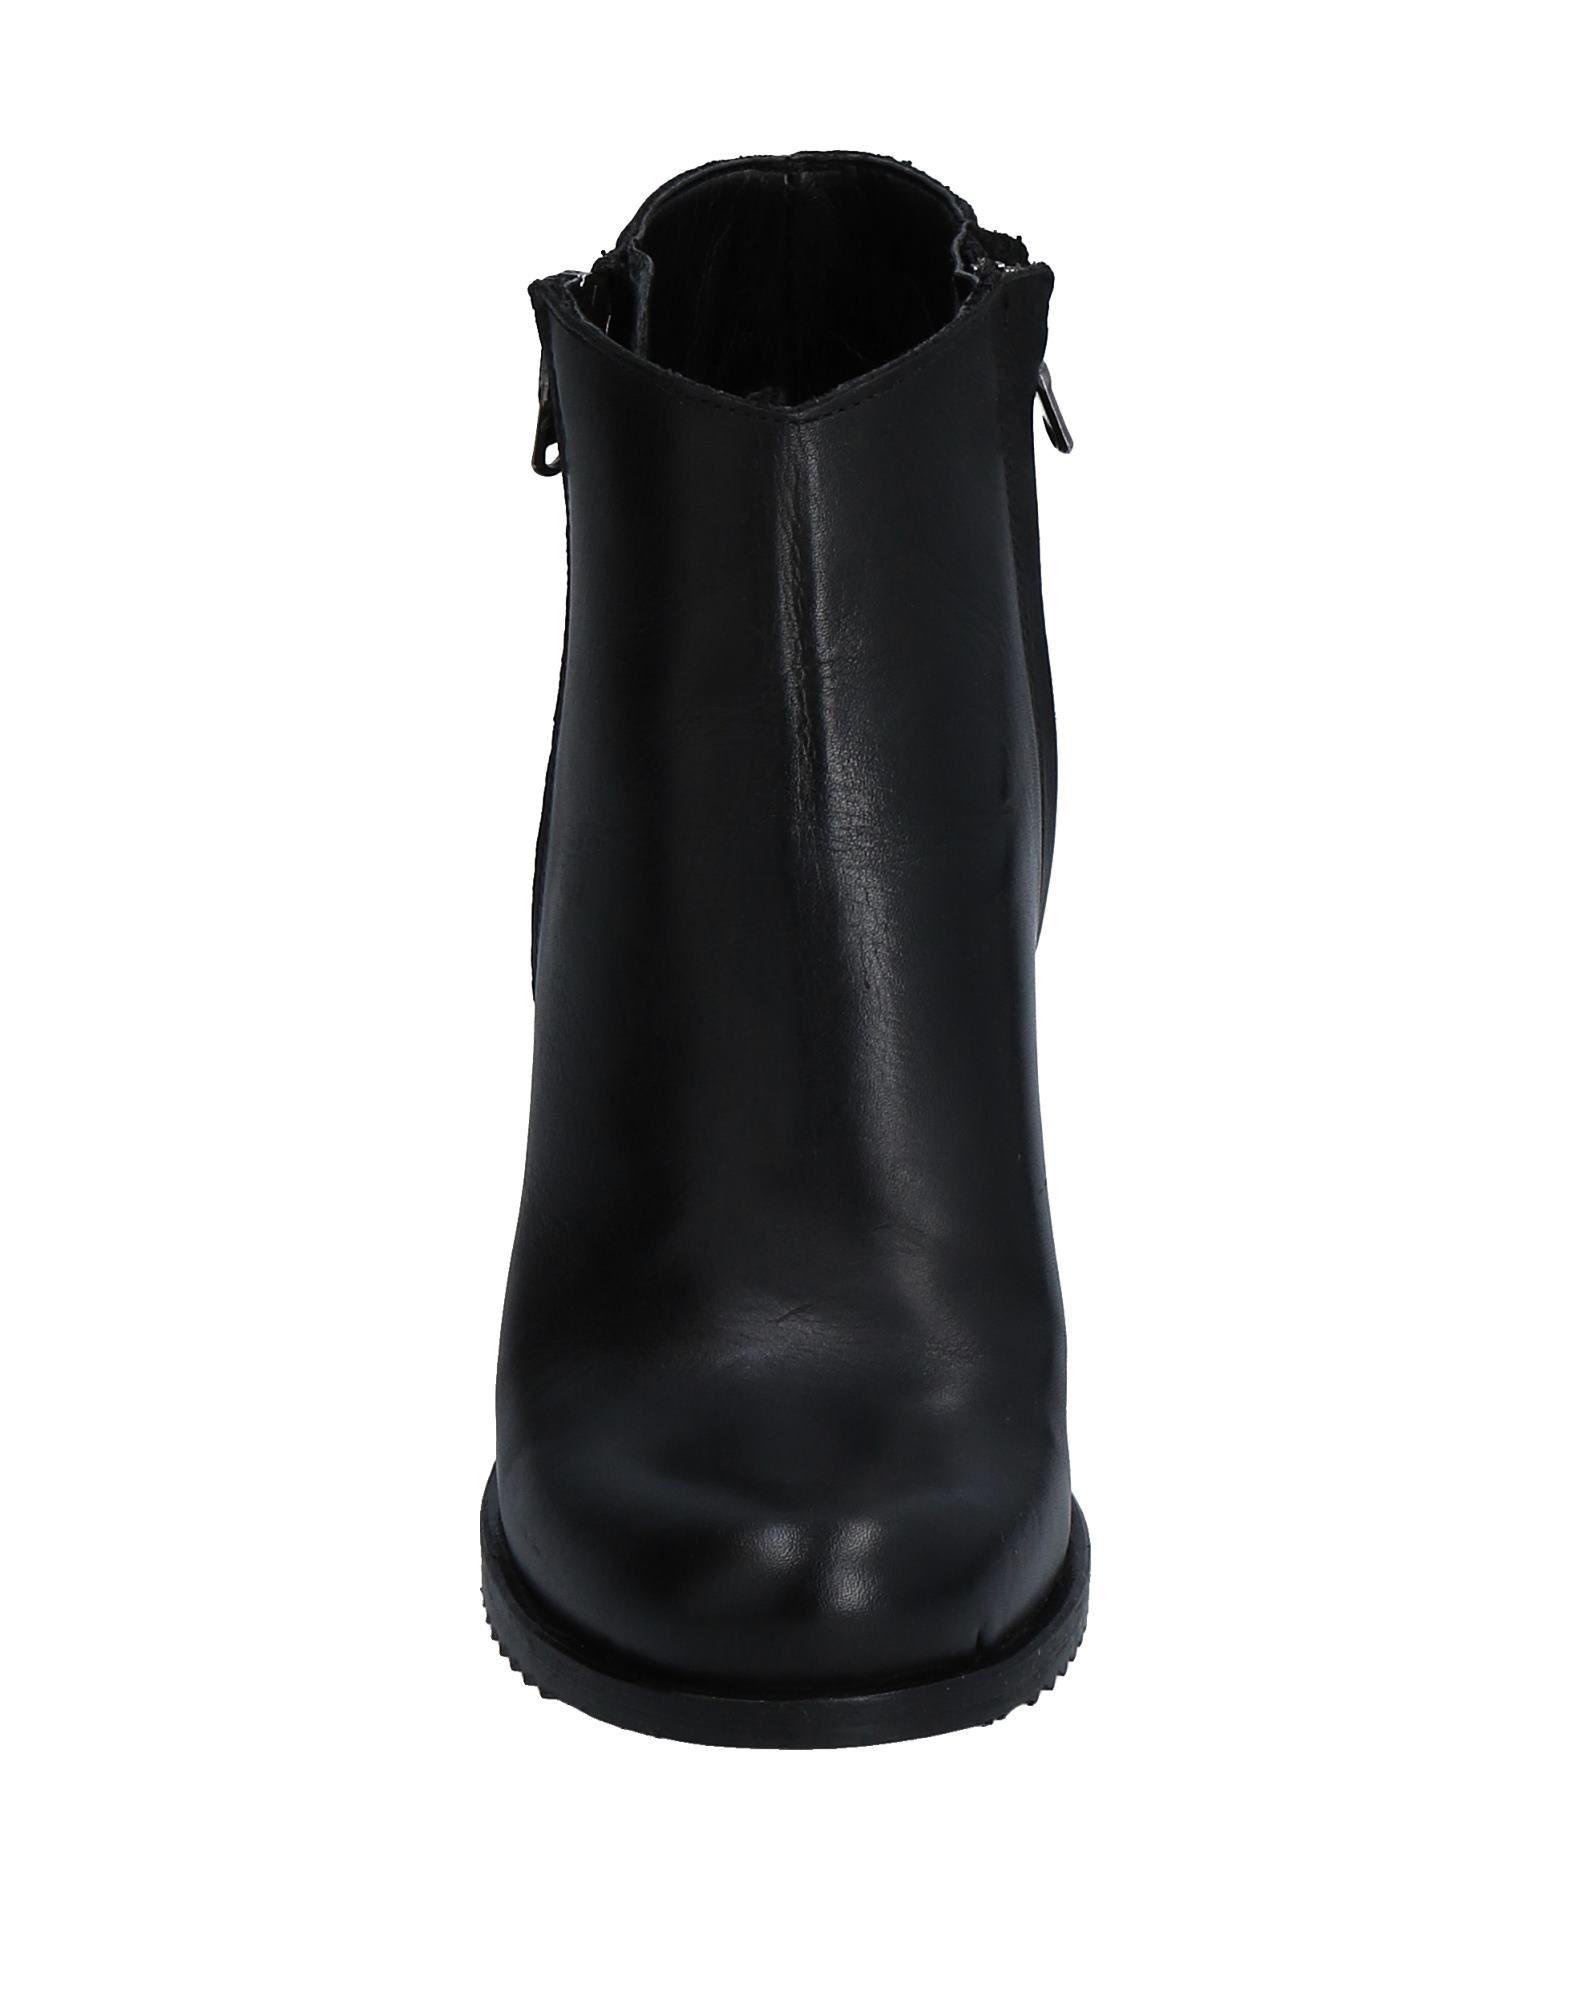 Primadonna Stiefelette Damen beliebte  11528735DQ Gute Qualität beliebte Damen Schuhe d83462